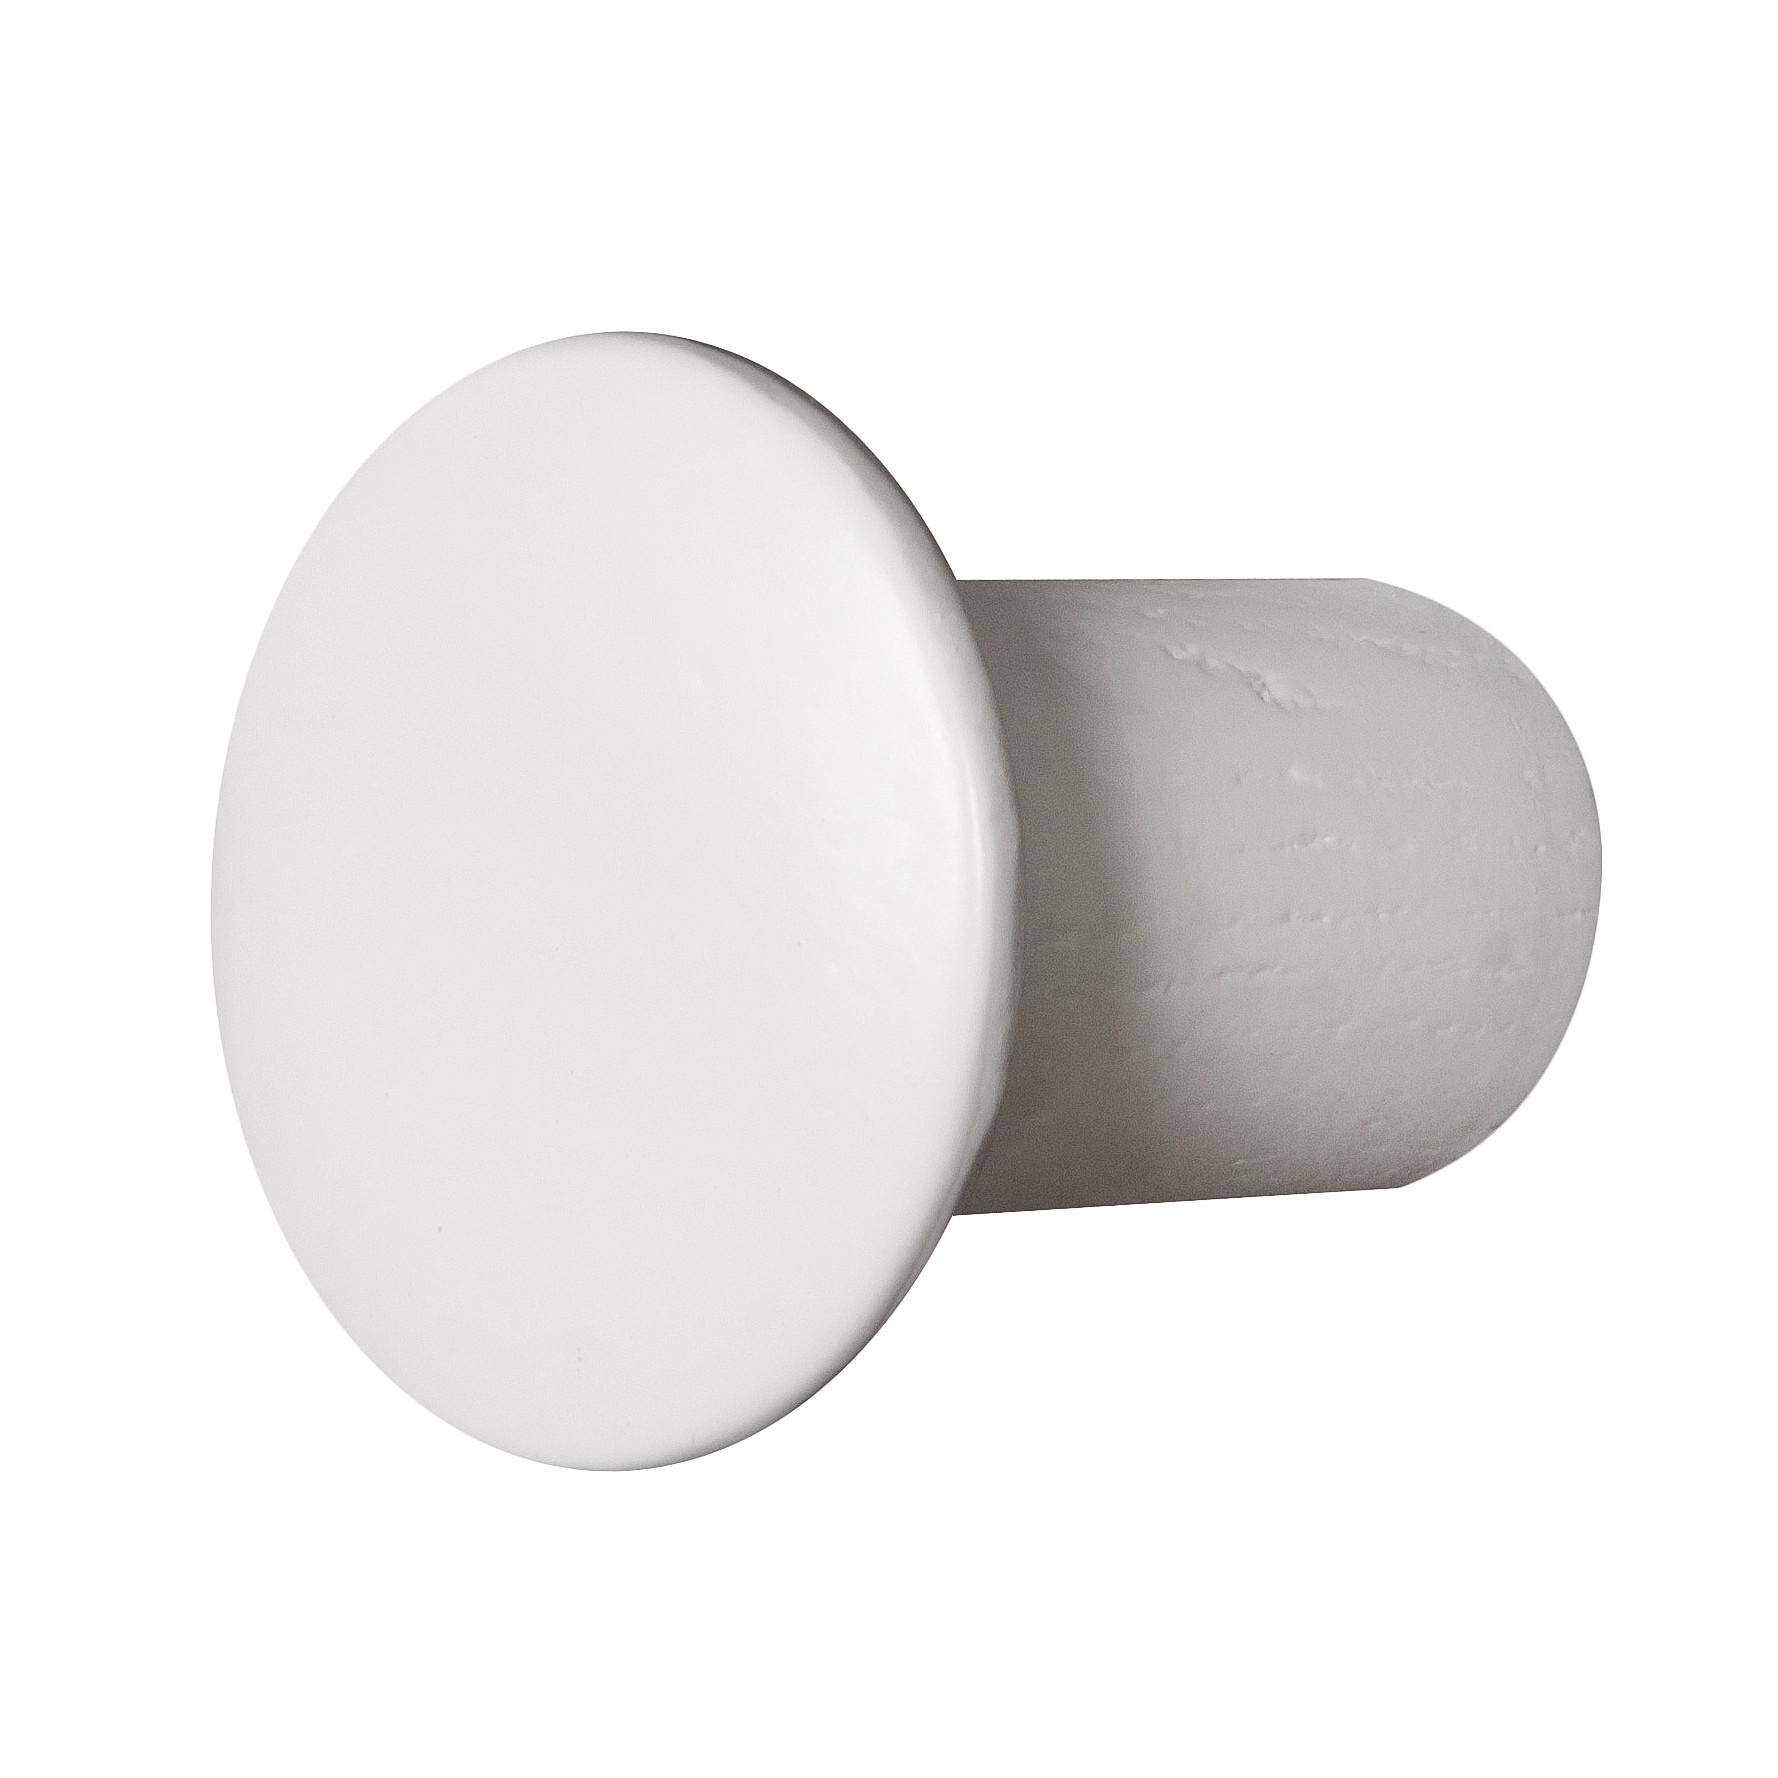 Wandhaken Button (2-delige set) - massief berkenhout - 6 - Wit, Morteens